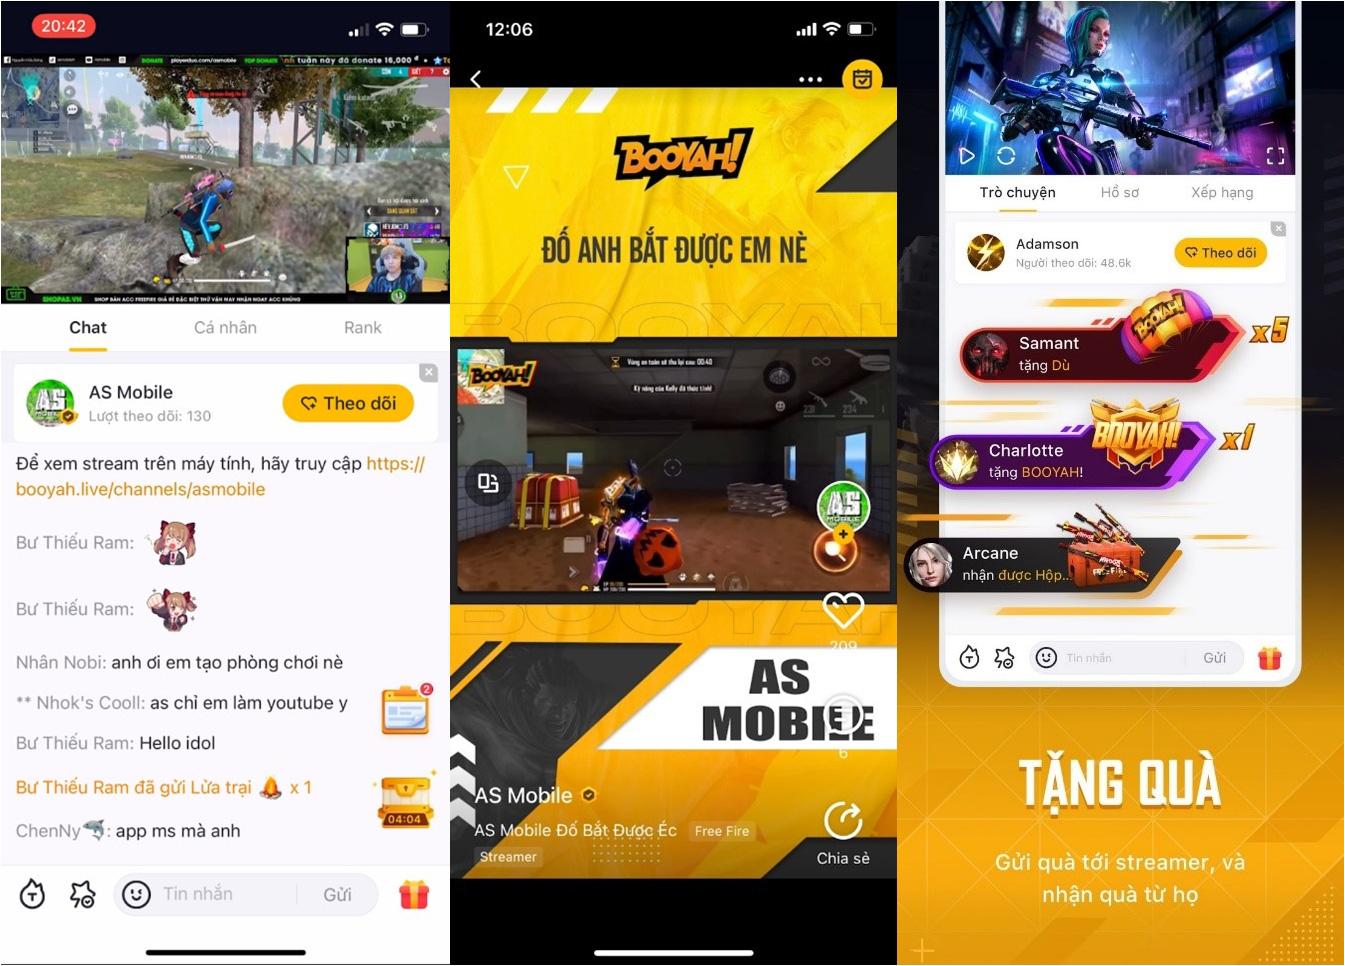 Giới streamer đổ xô trải nghiệm nền tảng livestream mới BOOYAH! live - Có cả AS Mobile, Flash ADC, BLV hoàng Luân... - Ảnh 1.